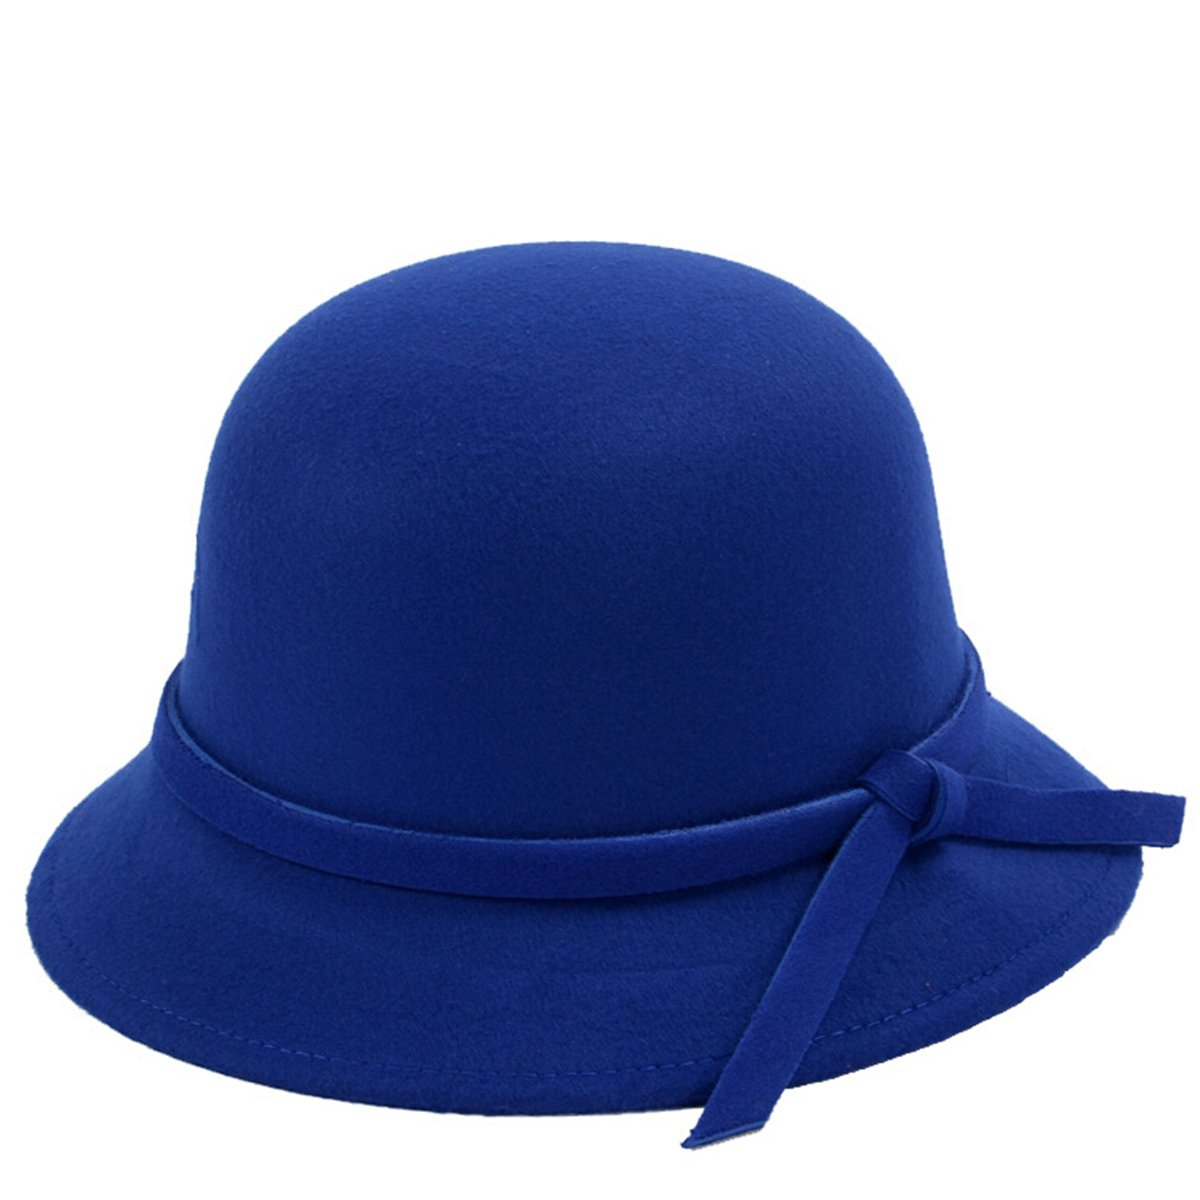 Butterme Frauen Dame Vintage Wool Round Fedora Bogen Cloche Derby Hüte Eimer Hüte (Schwarz-Bowen knot) ZUMUii ZUMU00002319